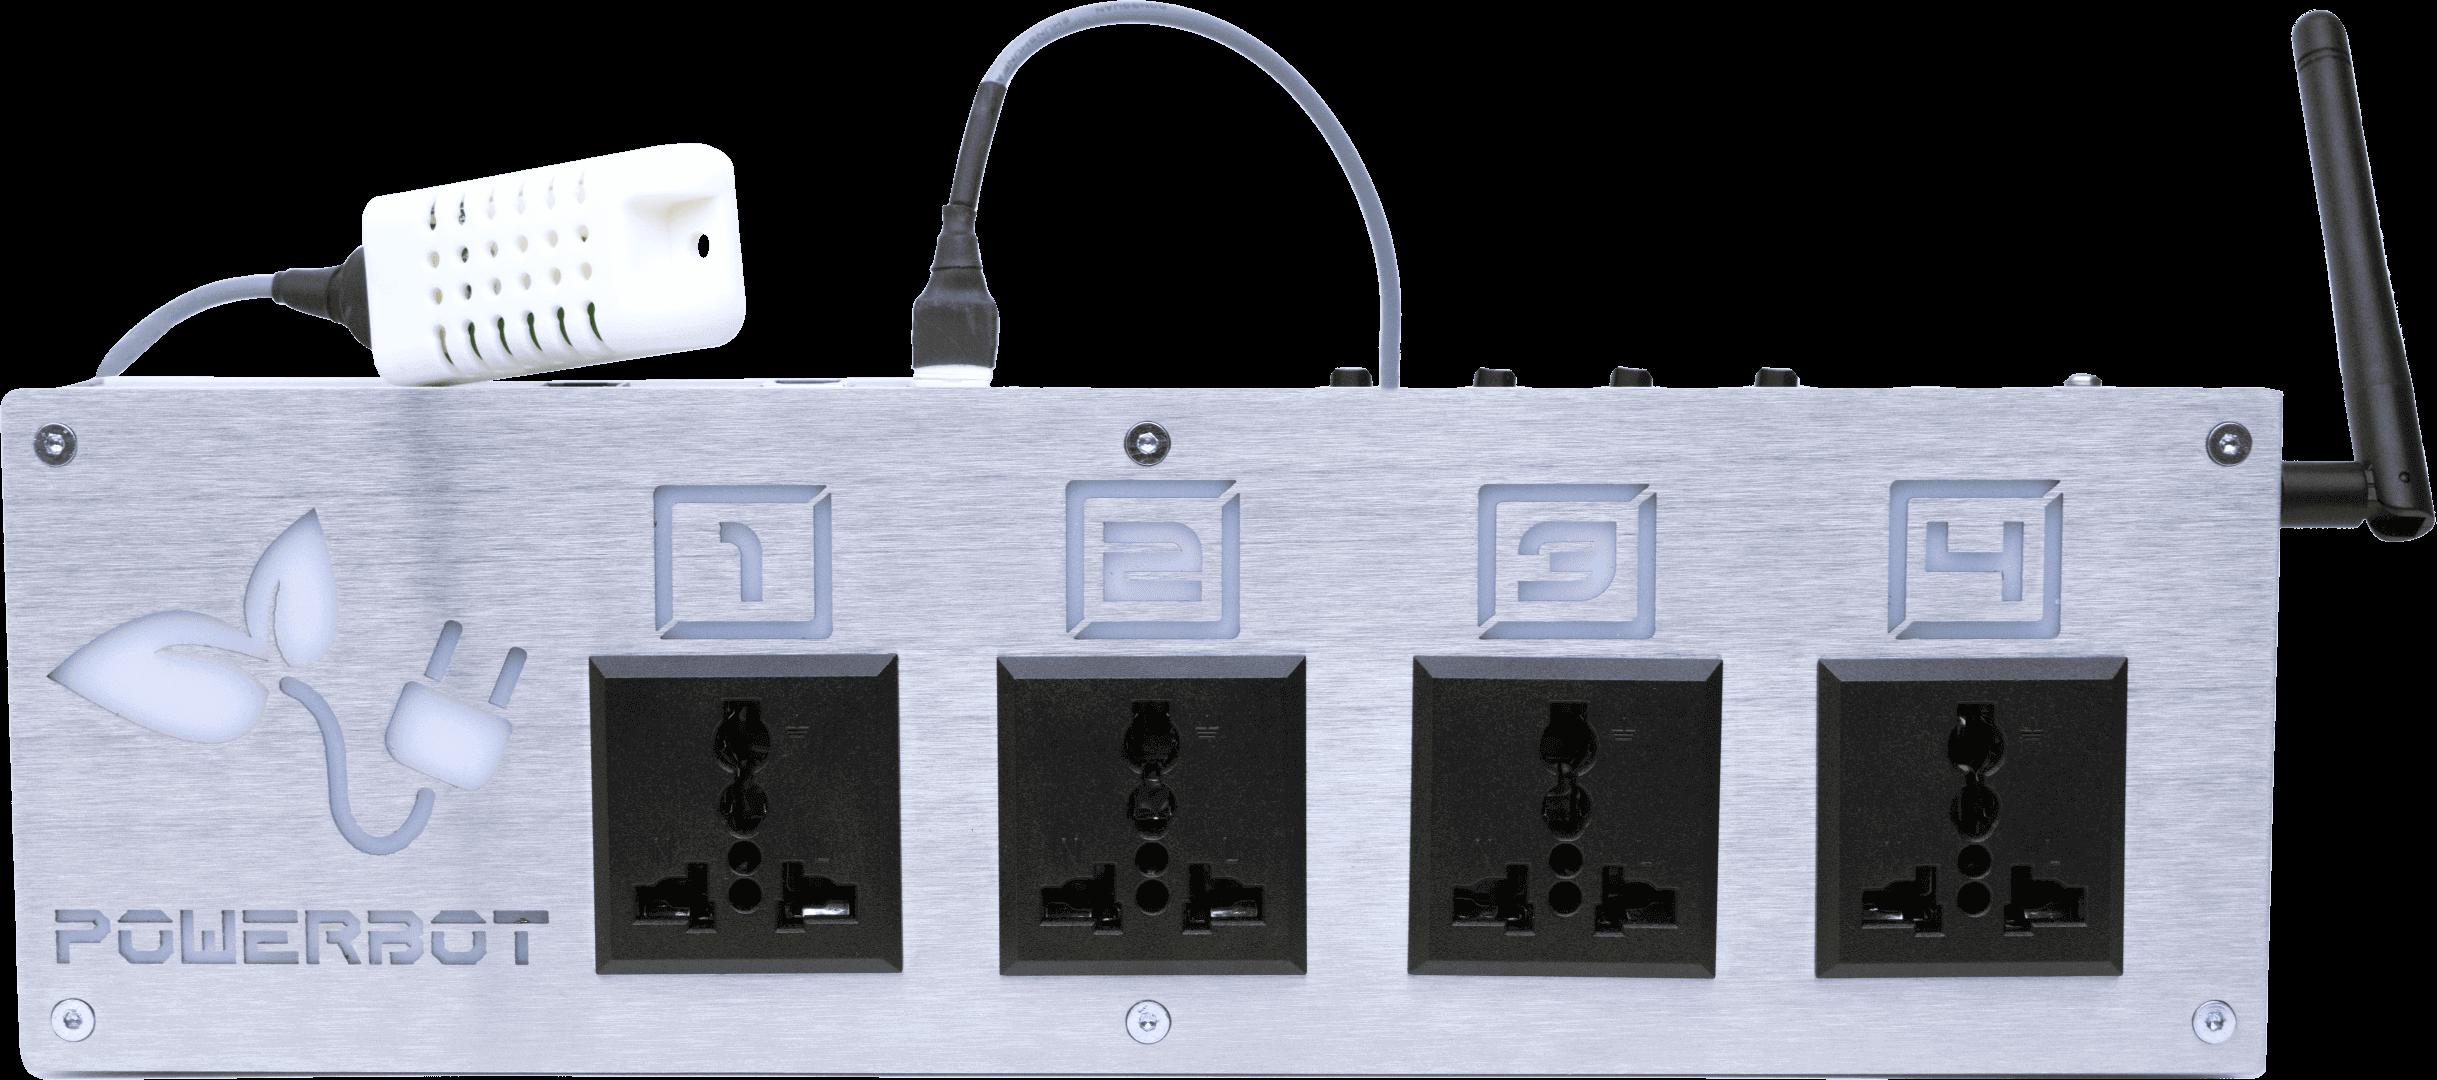 Vista frontal de PowerBot, el módulo de suministro de energía del controlador de cultivos GroLab™